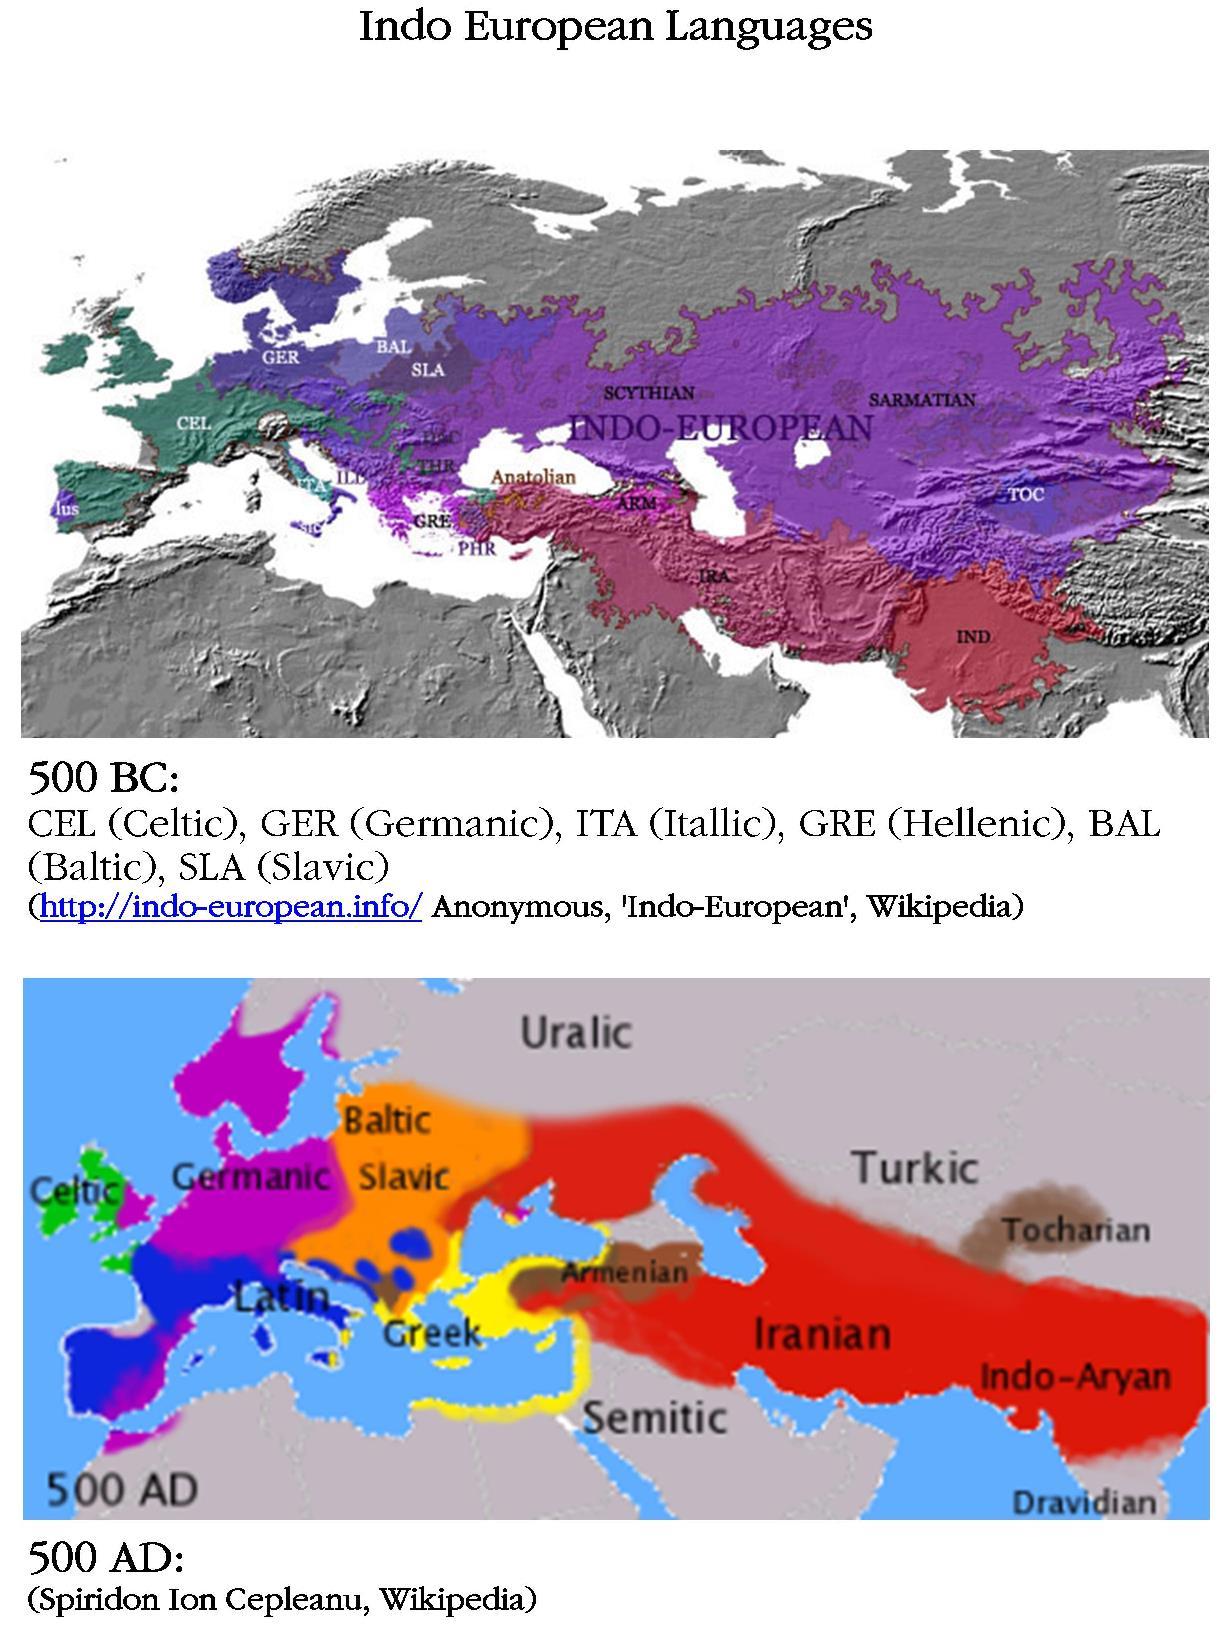 Indo European Languages map 500 BC 500 AD, Runes